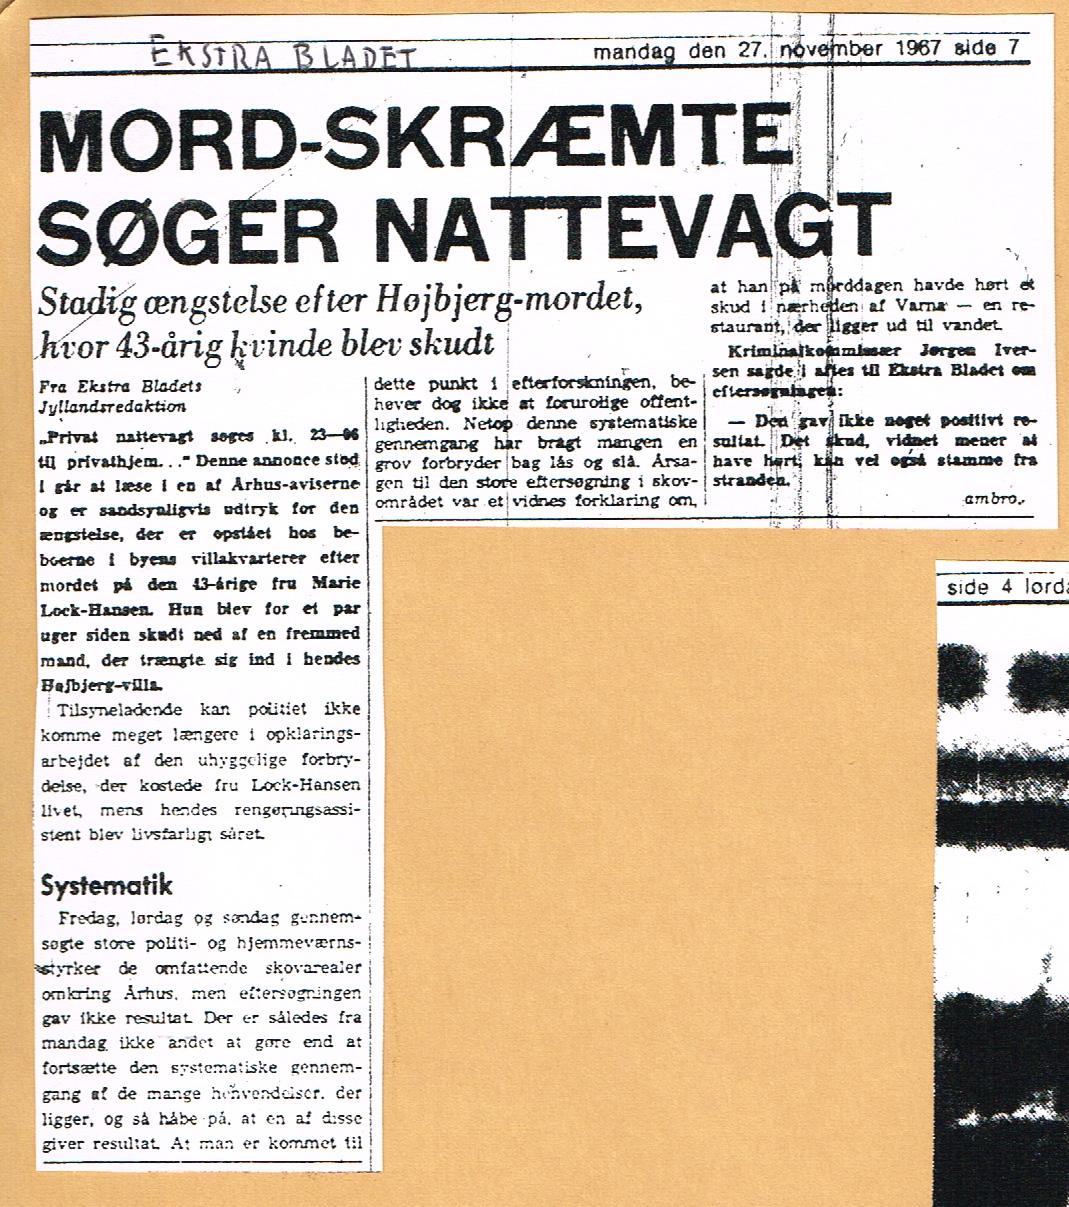 Højbjergmordet - Ekstra Bladet 27.11-1967